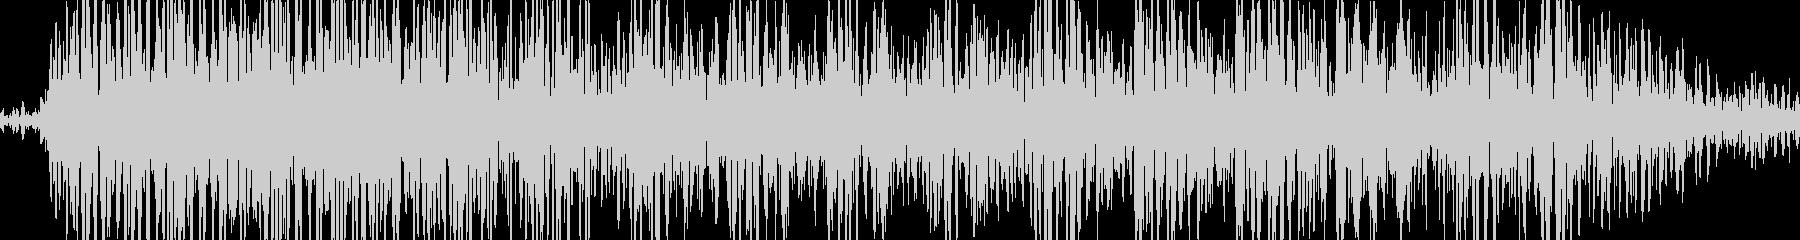 ガガガガ。ドリル・削岩機の音(短め)の未再生の波形